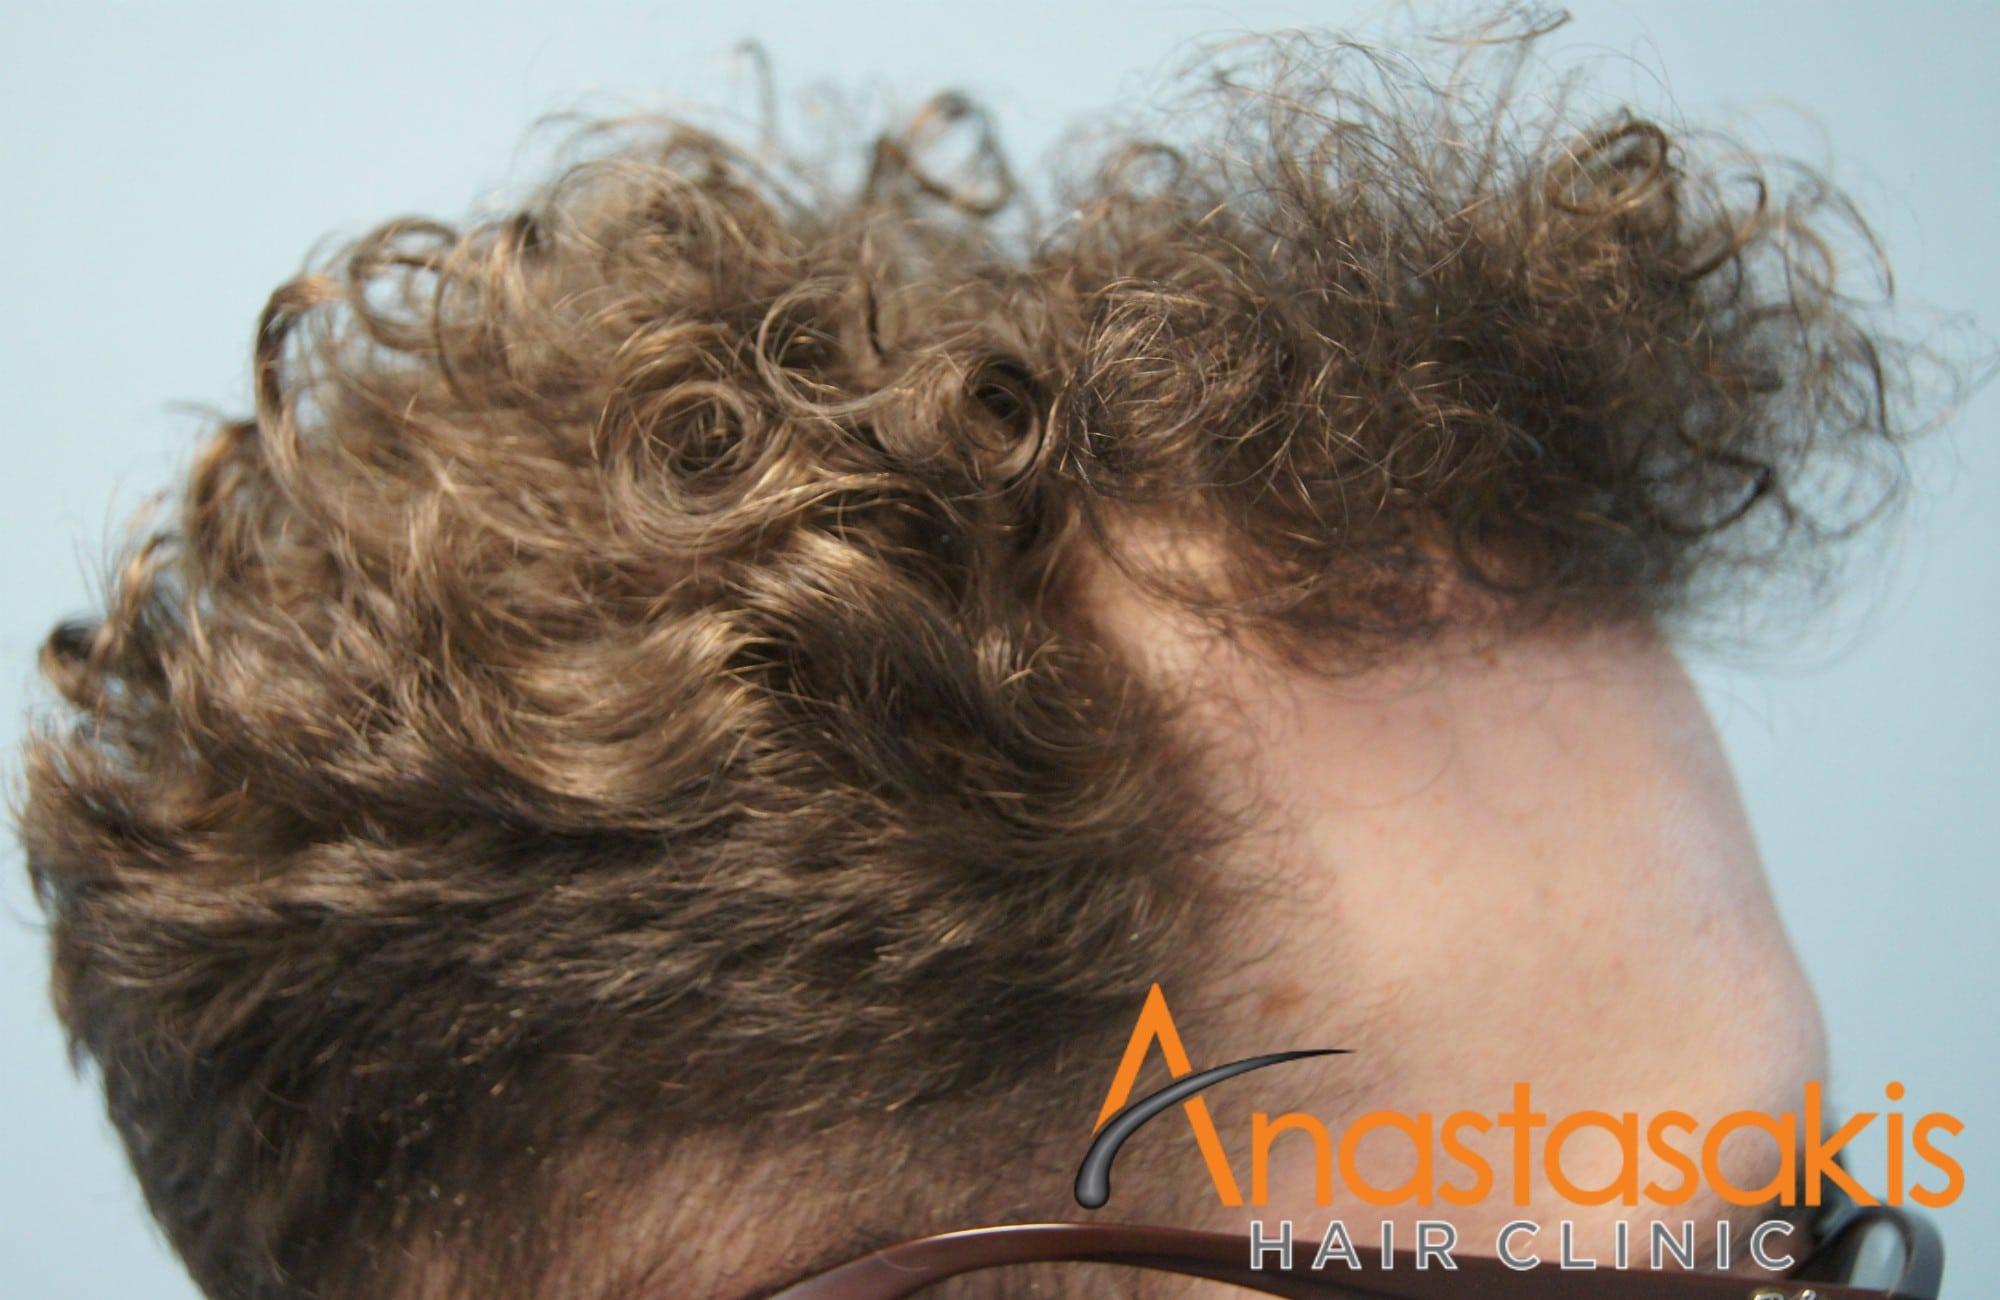 αριστερο προφιλ ασθενους μετα τη μεταμοσχευση μαλλιων με 2300 fus